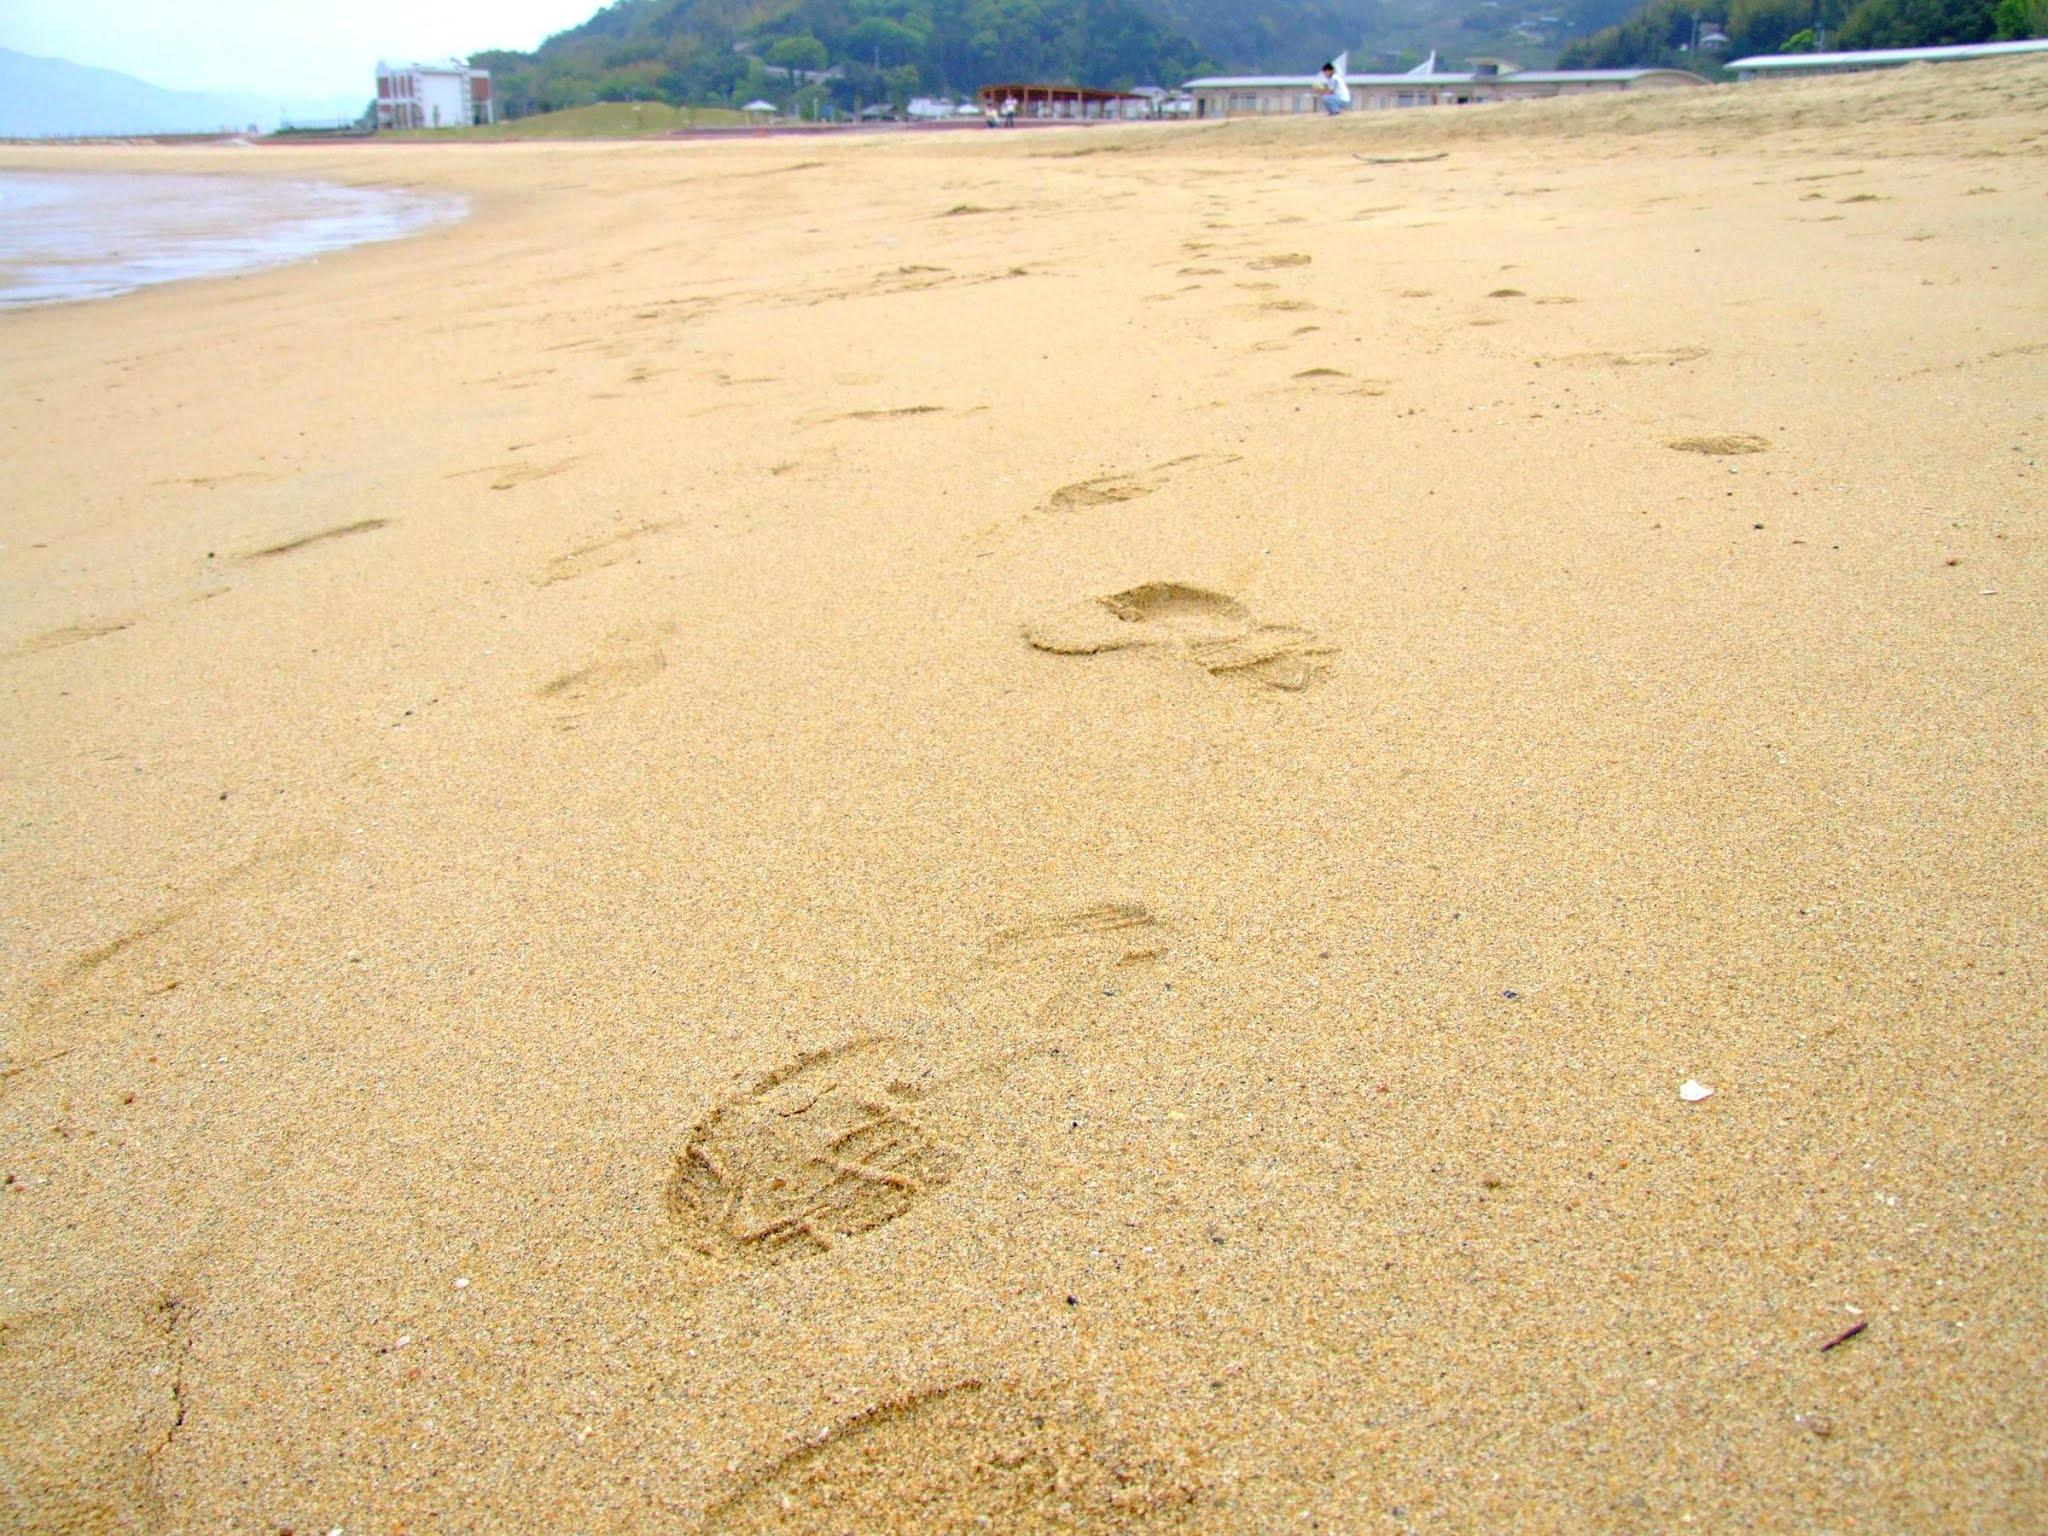 砂浜に付けられた足跡の写真素材です。あしあとは、振り返りなどのイメージを与えます。解説系記事のアイキャッチなどにいかがでしょうか。